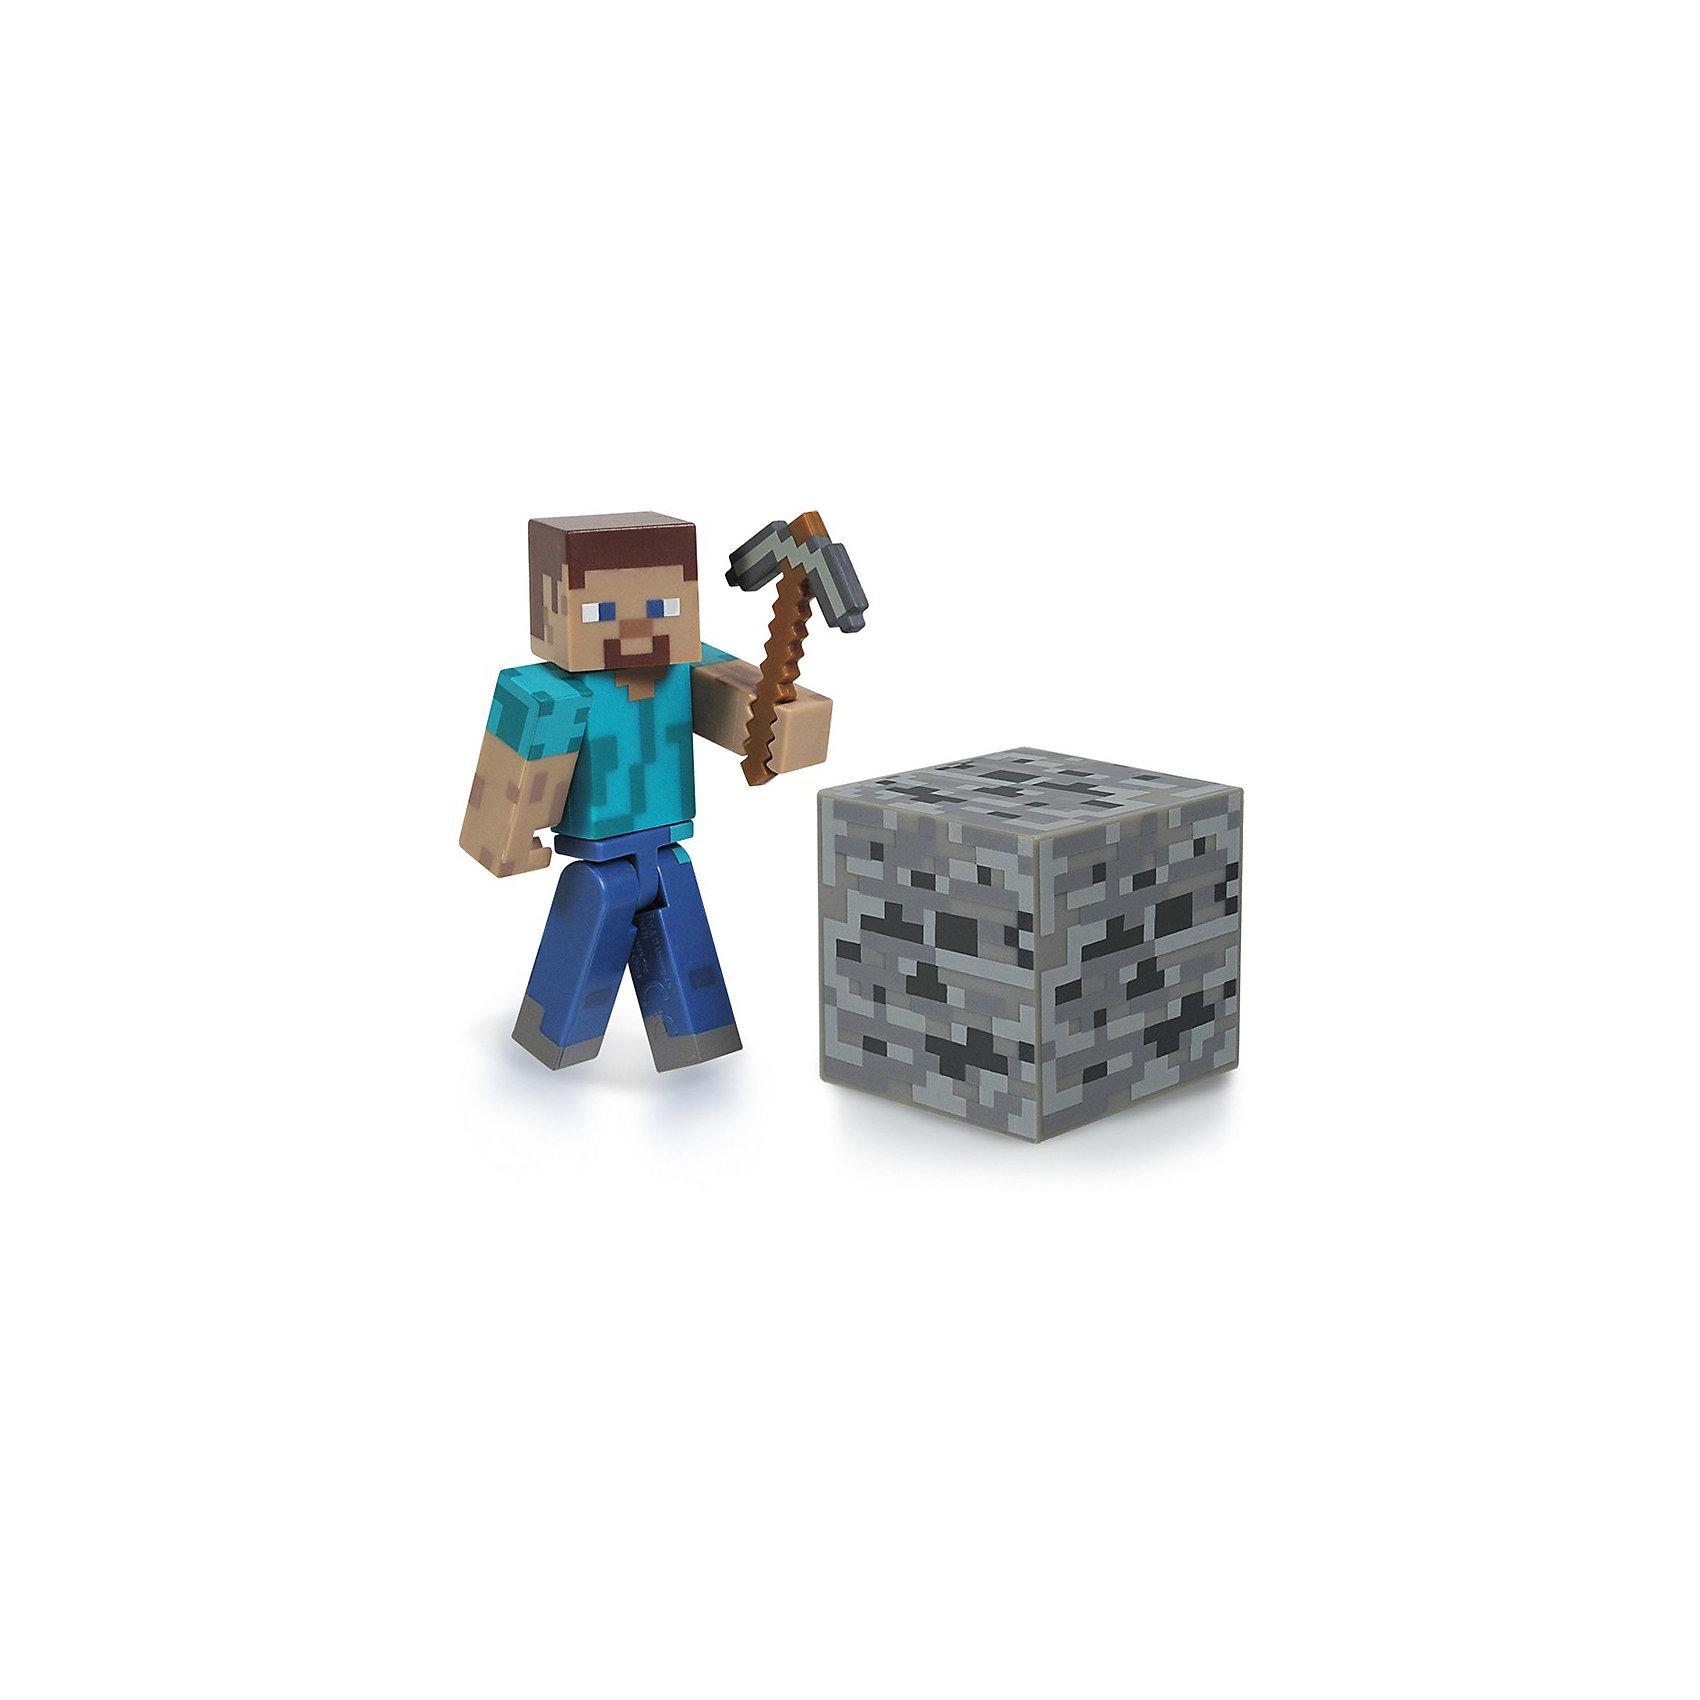 Jazwares Фигурка Стив, 8см, Minecraft 3 мягкая игрушка minecraft летучая мышь bat 16536 jazwares